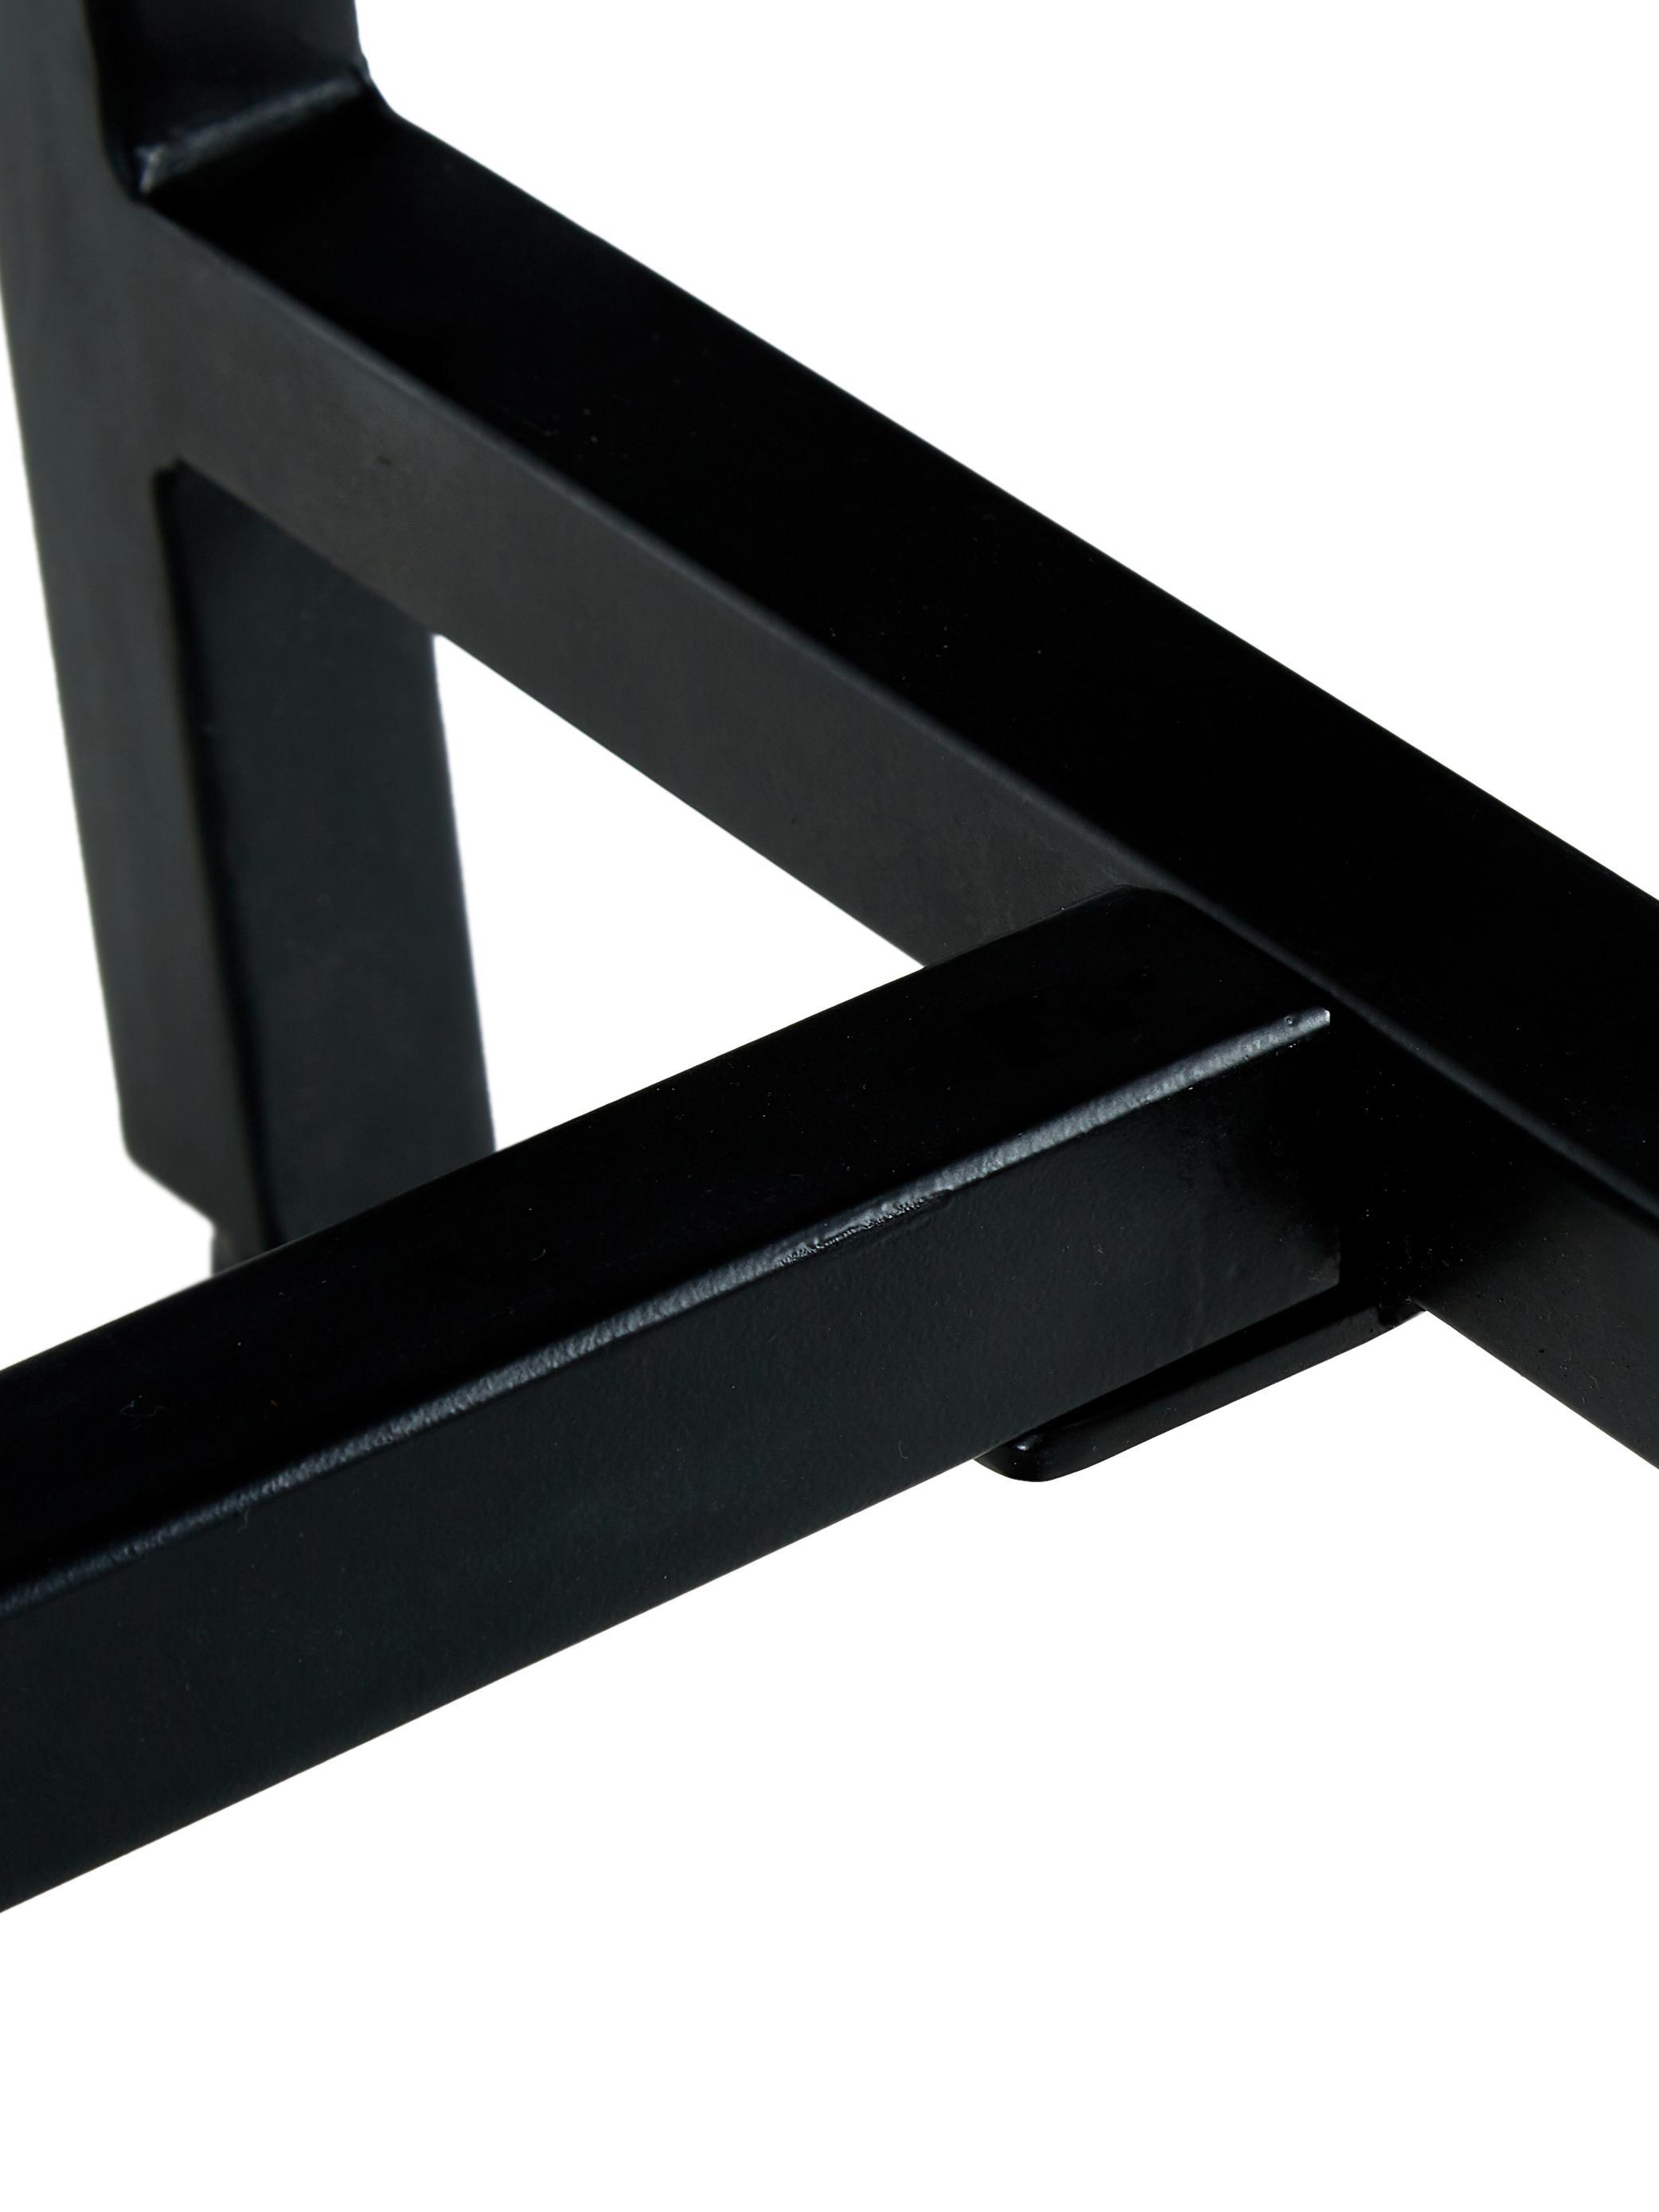 Sitzbank Raw aus massivem Mangoholz, Sitzfläche: Massives Mangoholz, gebür, Gestell: Metall, pulverbeschichtet, Sitzfläche: Mangoholz, schwarz lackiert Gestell: Schwarz, matt, 170 x 47 cm